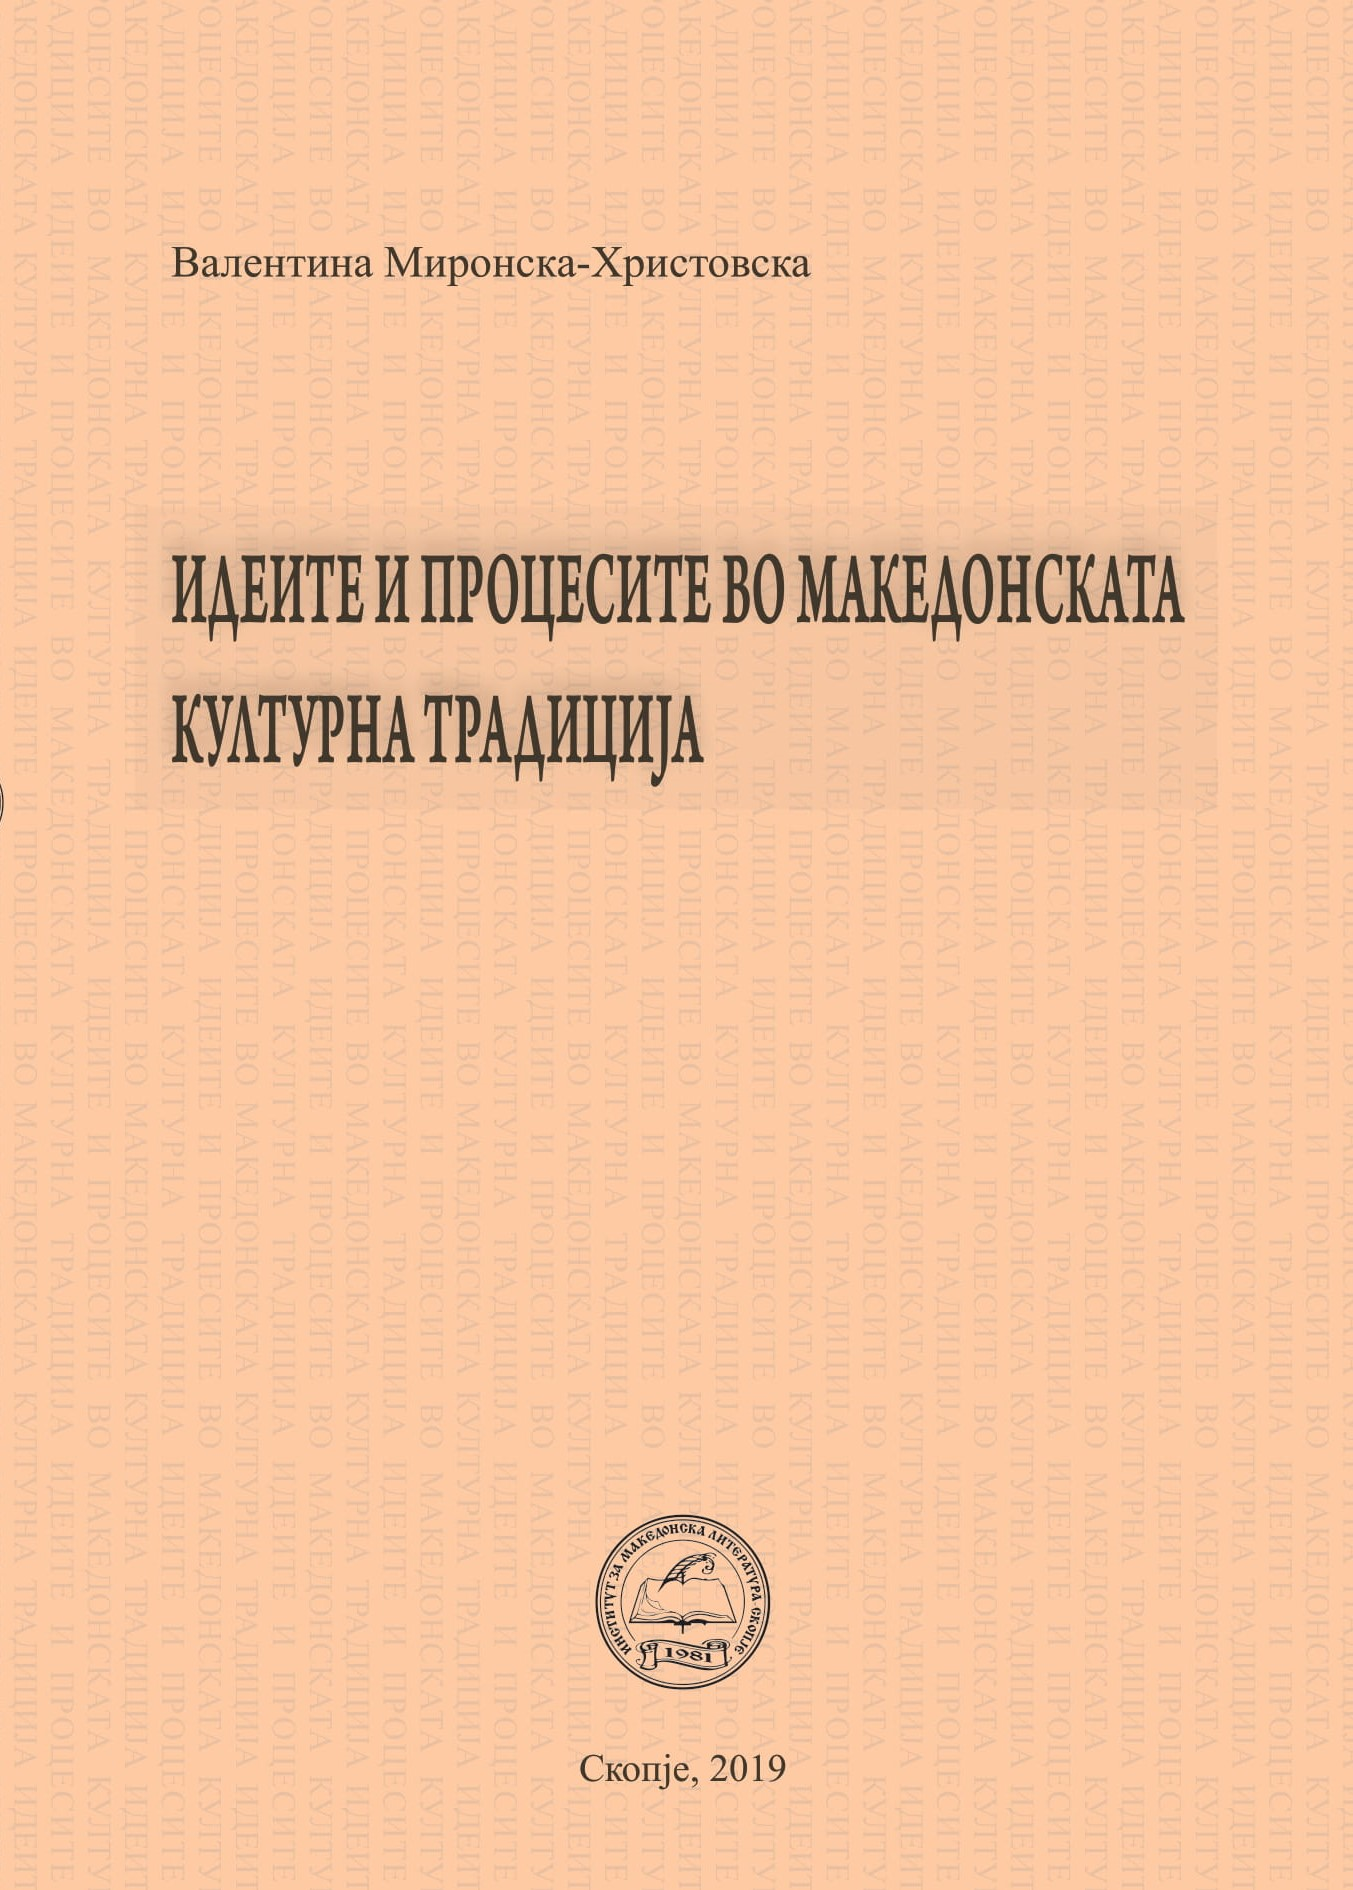 Valentina M.Hristovska - Makedonskata kulturna tradicija korica-2